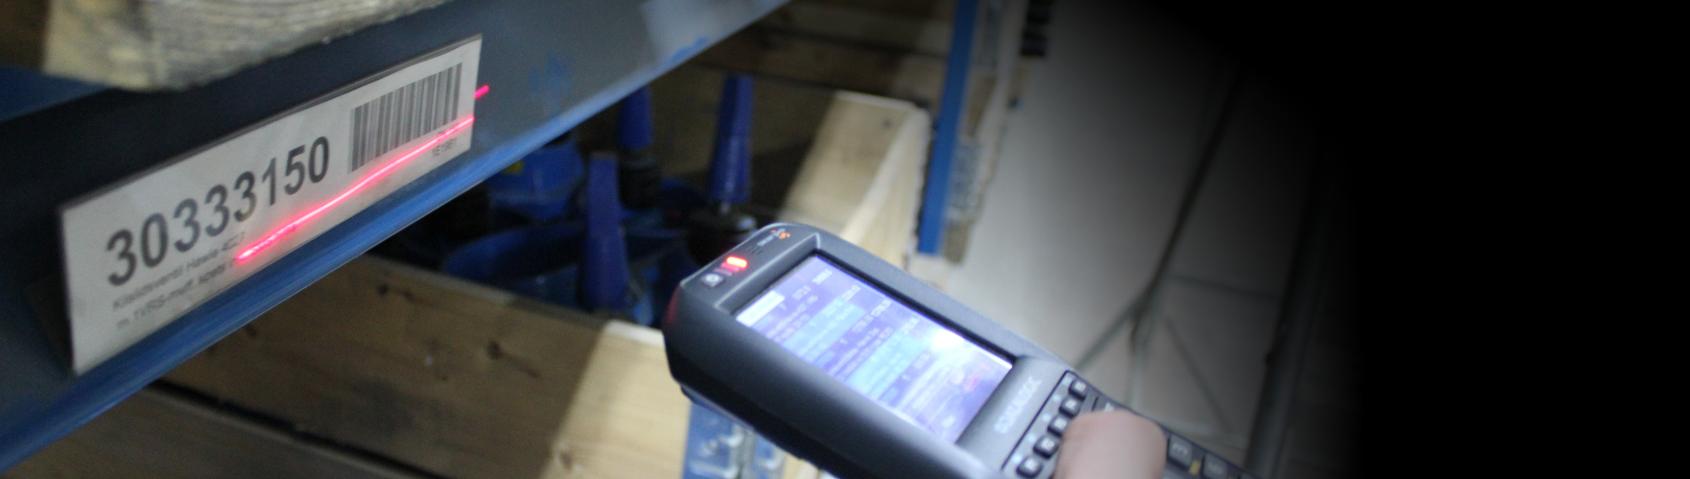 Warehouse barcode scan 3